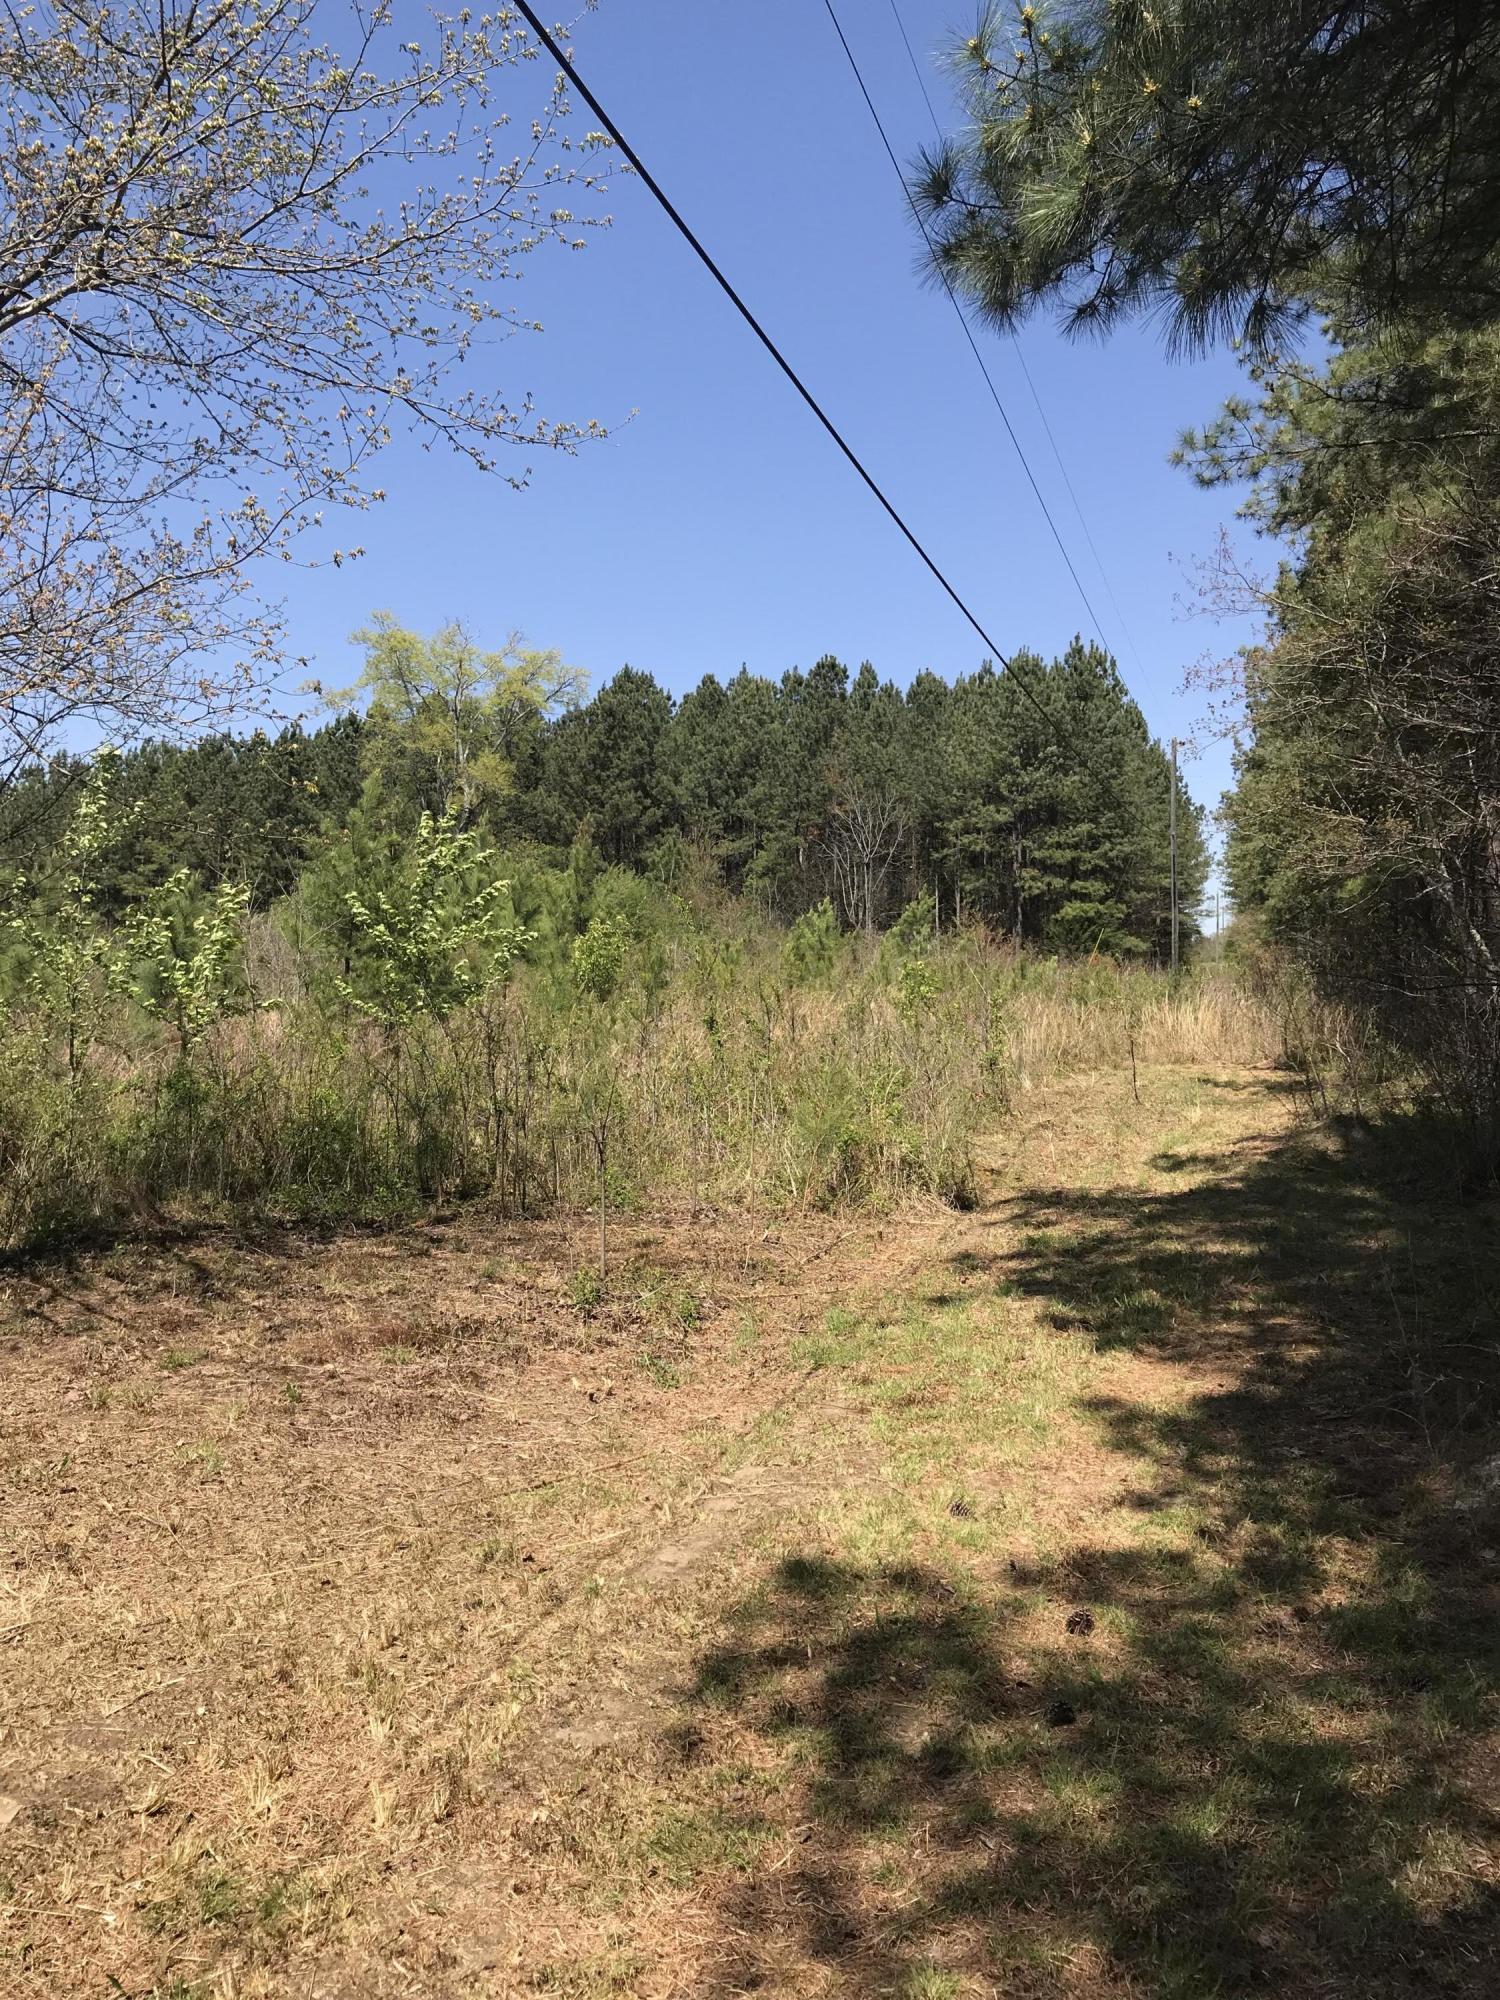 00 County Road 273, Niota, TN 37826